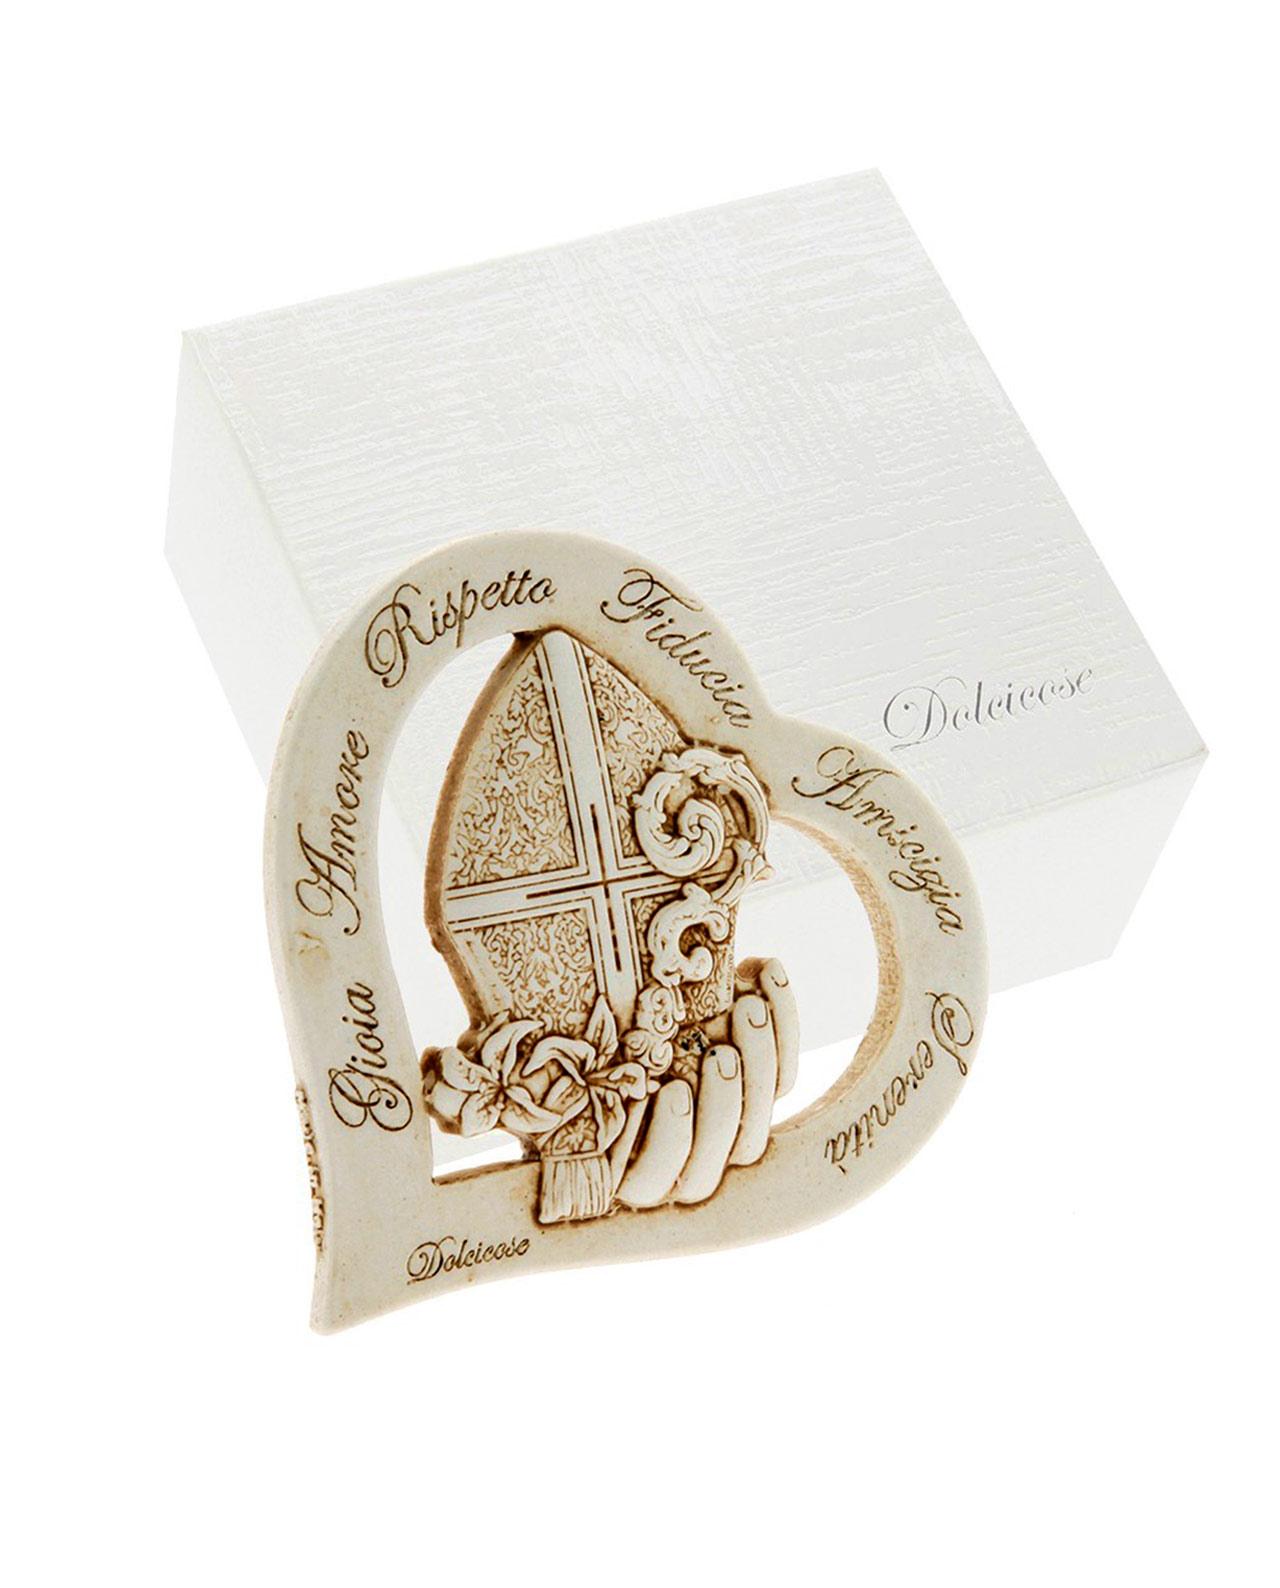 Icona cuore cresima con scritte per bomboniere mobilia for Mobilia mega store ottaviano